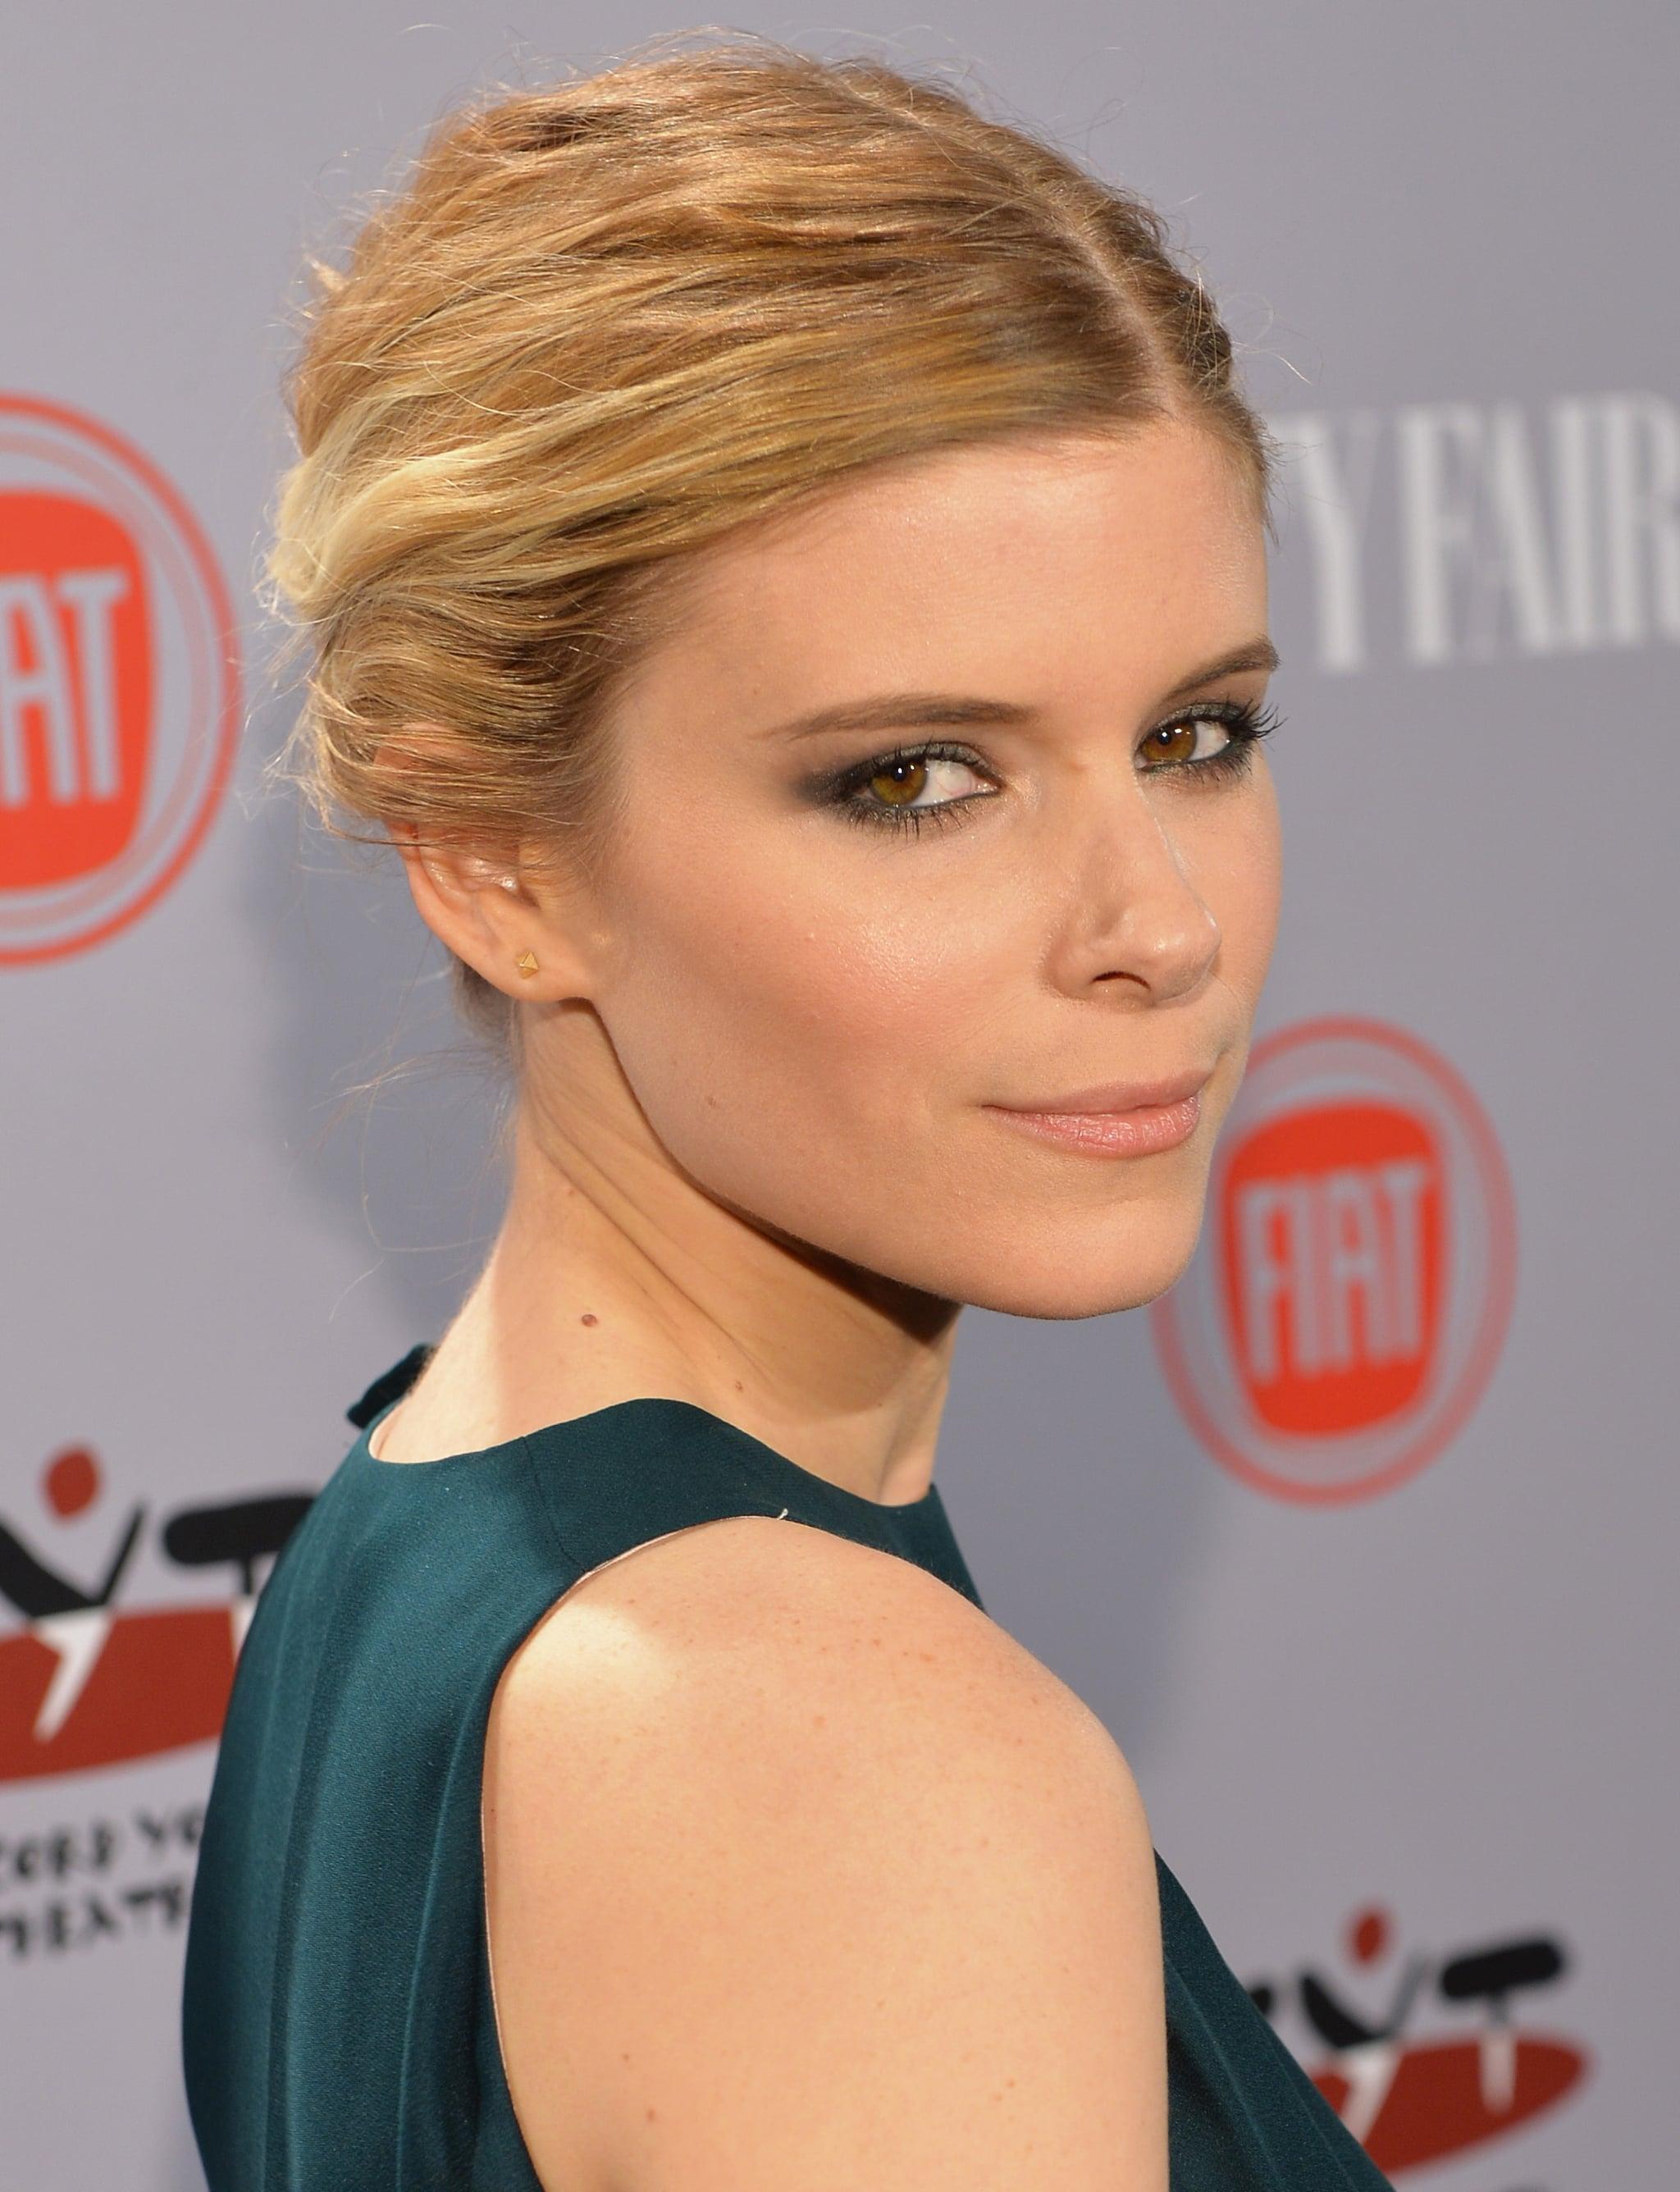 Kate Mara at the Vanity Fair Young Hollywood Party